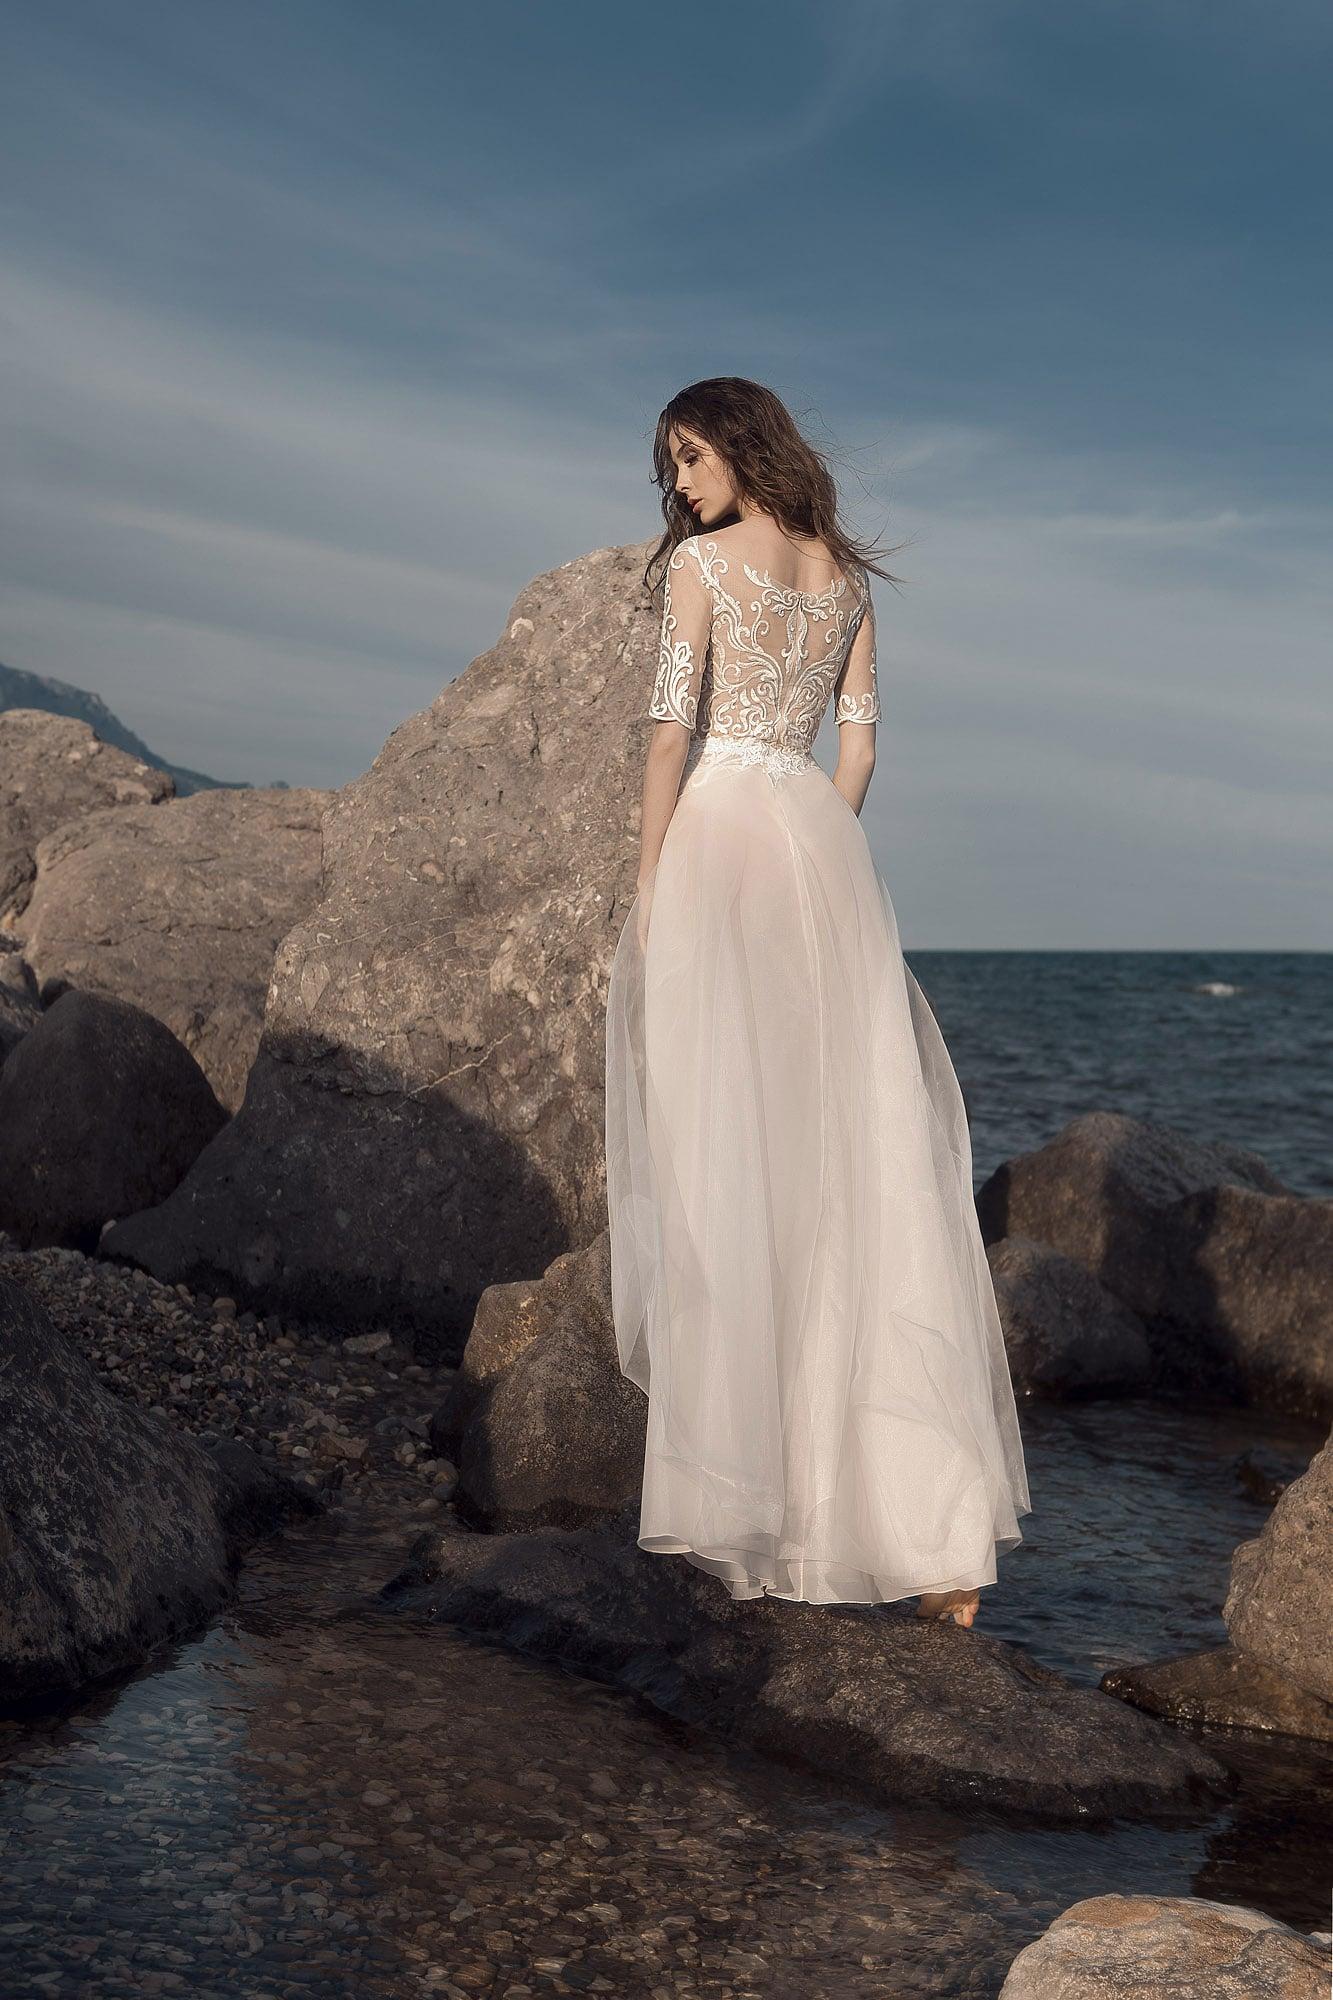 Бежевое свадебное платье прямого силуэта с кружевным узором по верху.